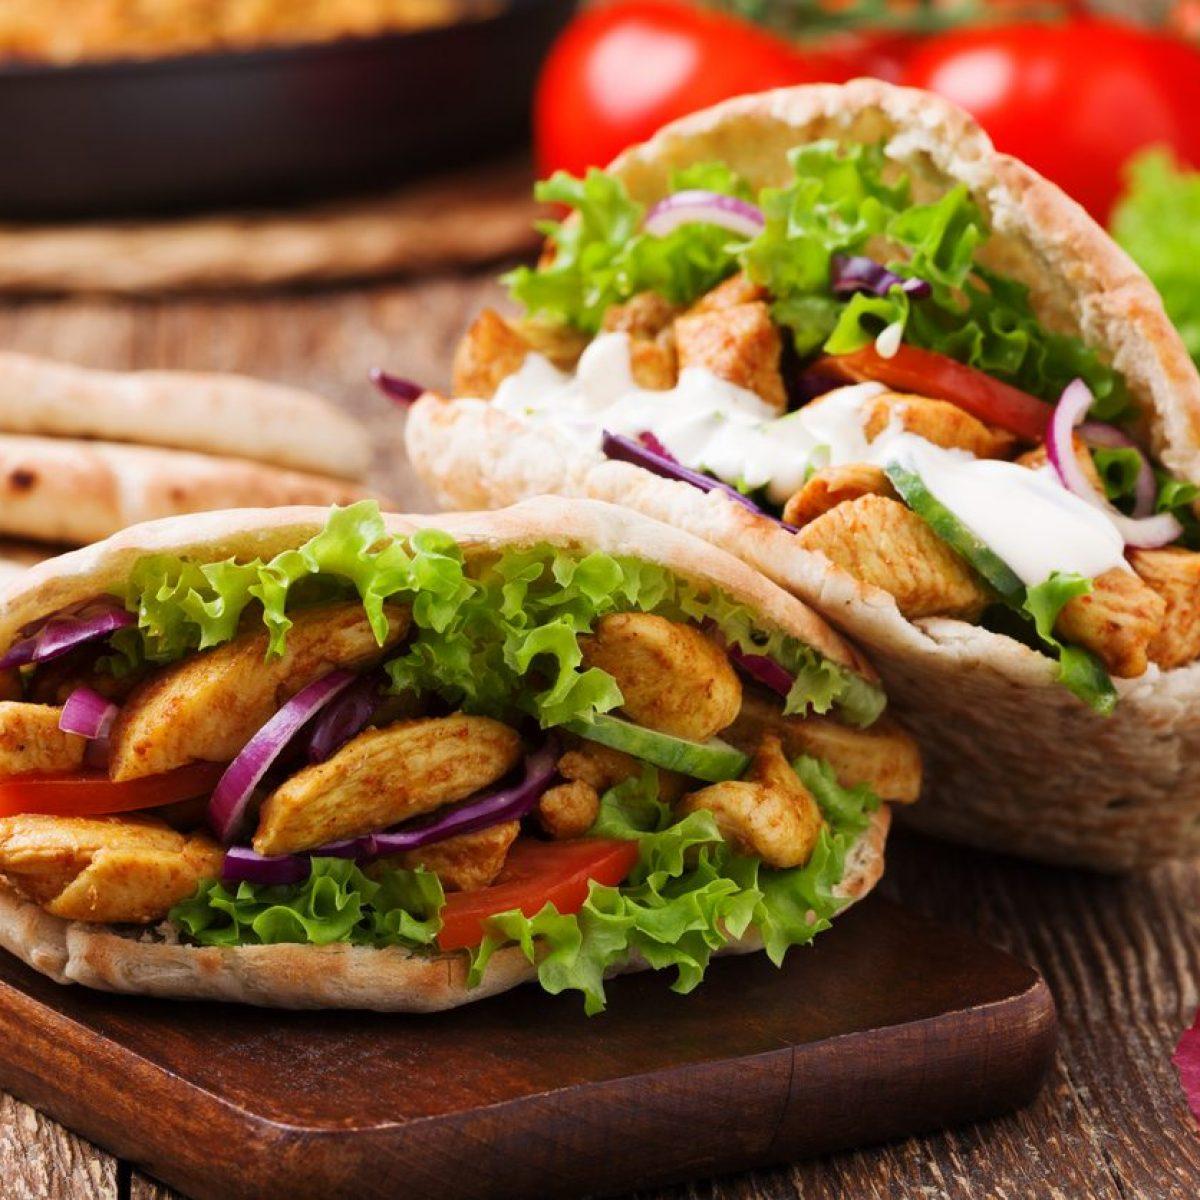 Ricetta Per Un Buon Kebab.Kebab Fatto In Casa La Ricetta Semplice Per Prepararlo Alla Perfezione